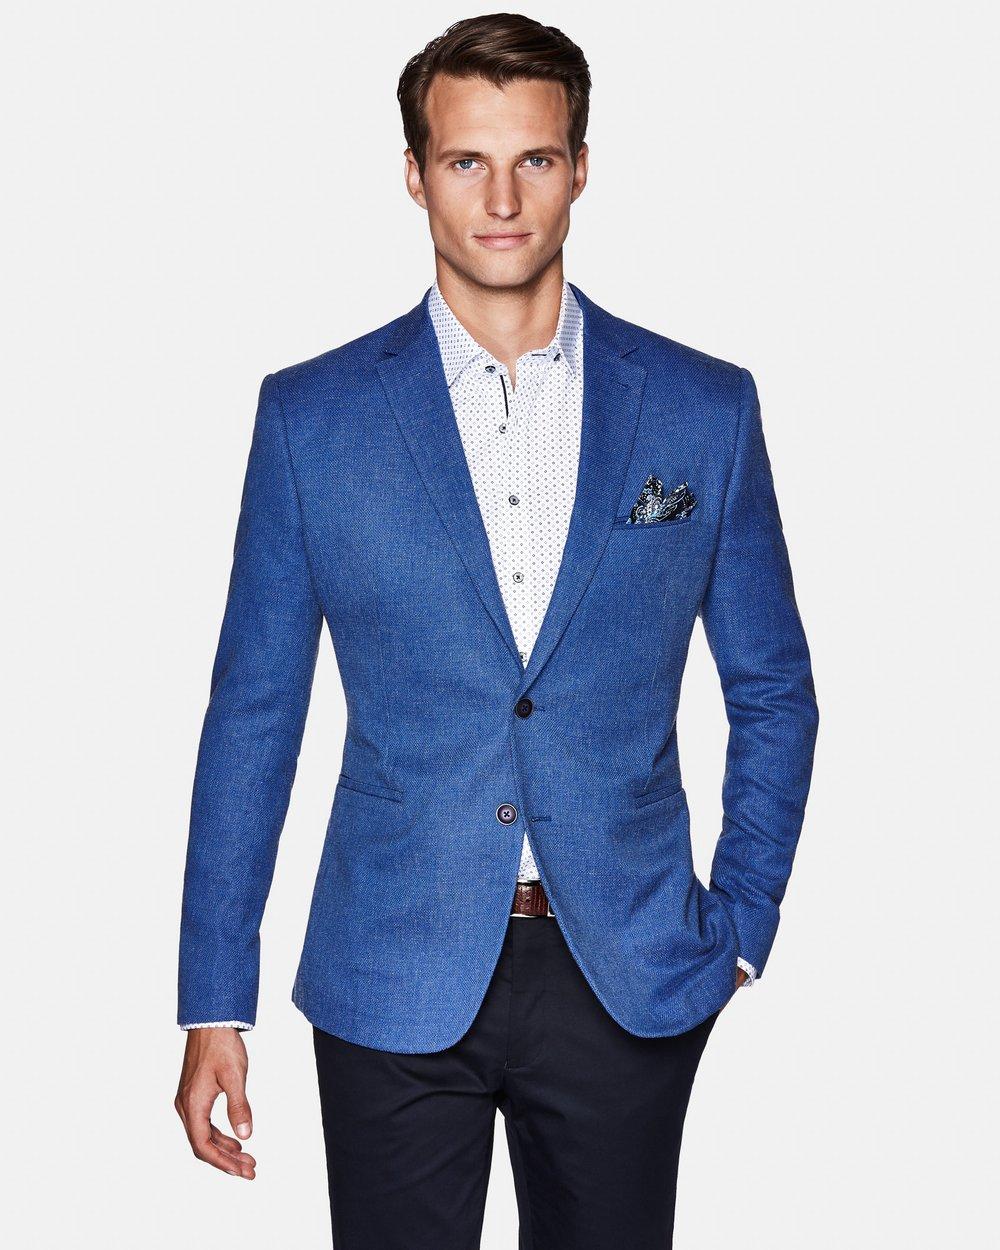 Mens Suits & Blazers   Buy Mens Suit & Blazer Online   Blazers ...